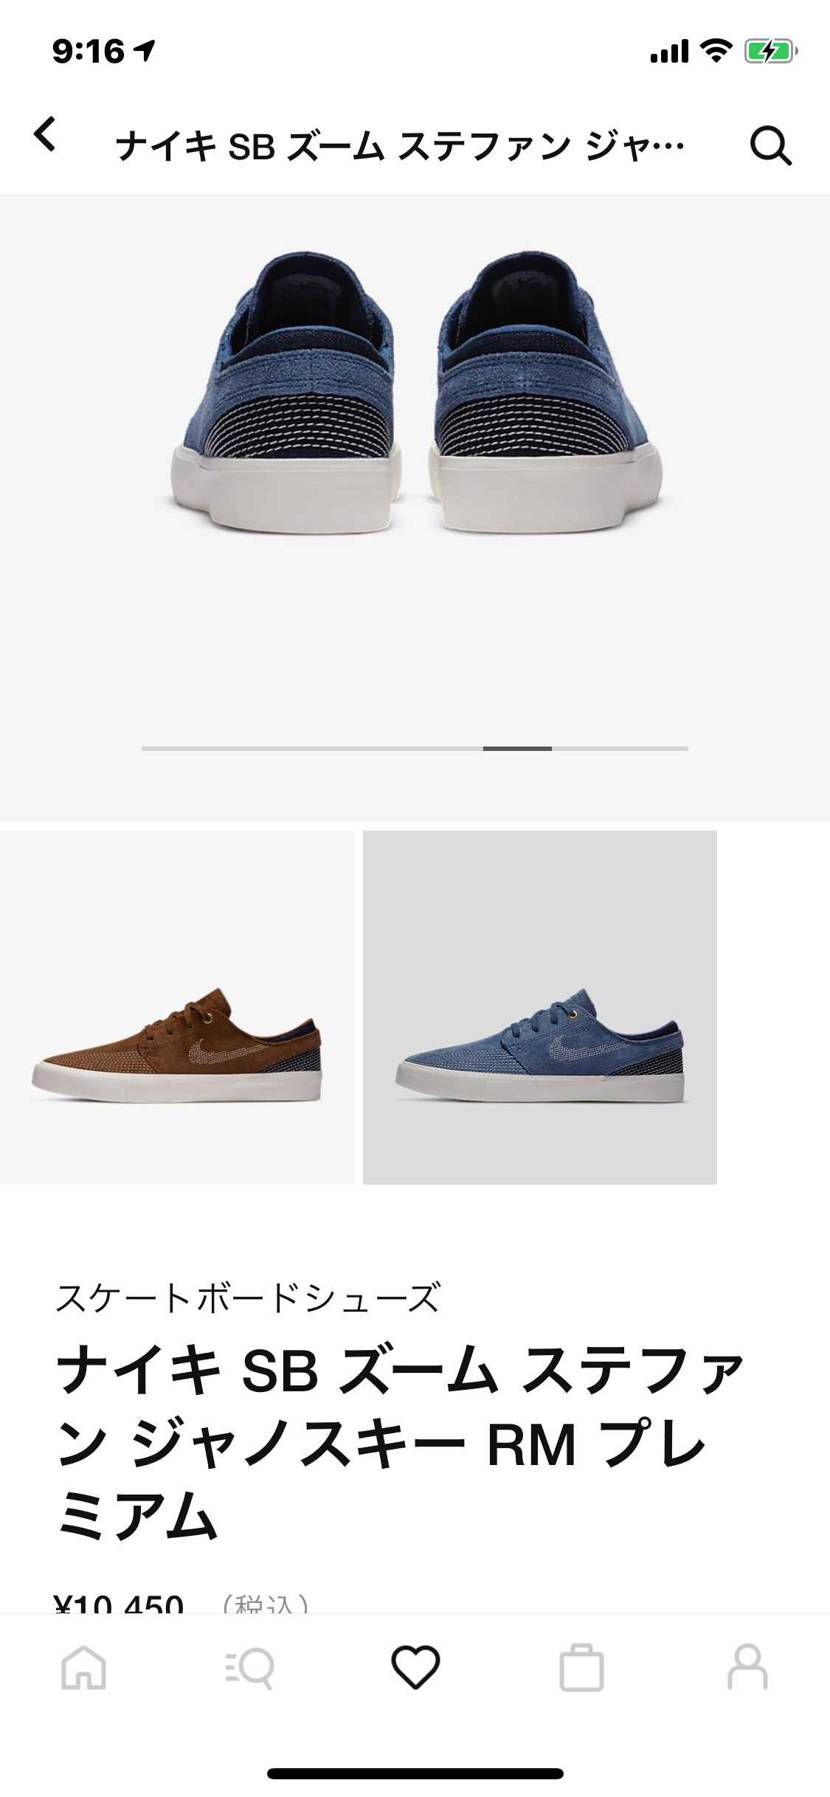 やっとNIKE.comで発売